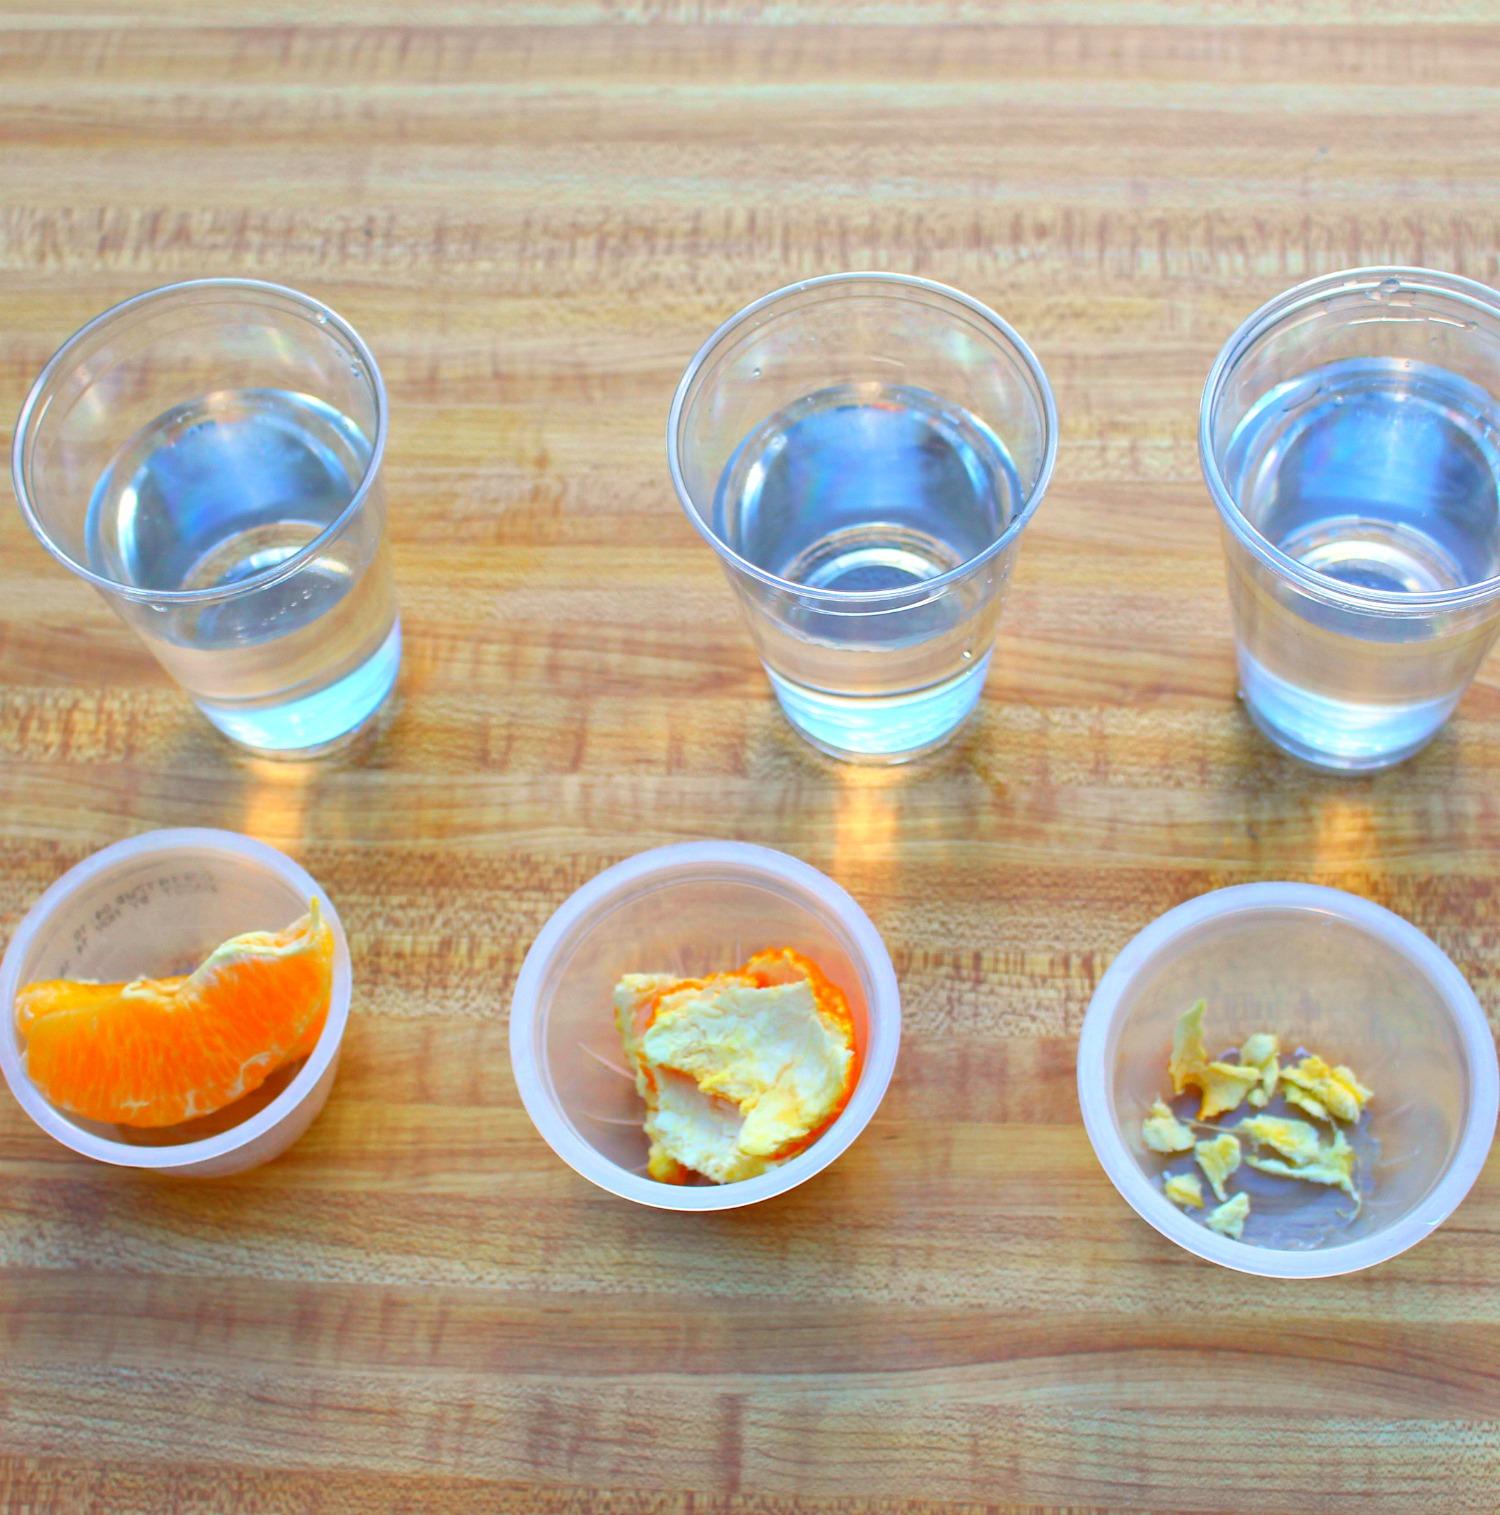 Exploring The Density Of Orange Parts Using The Scientific